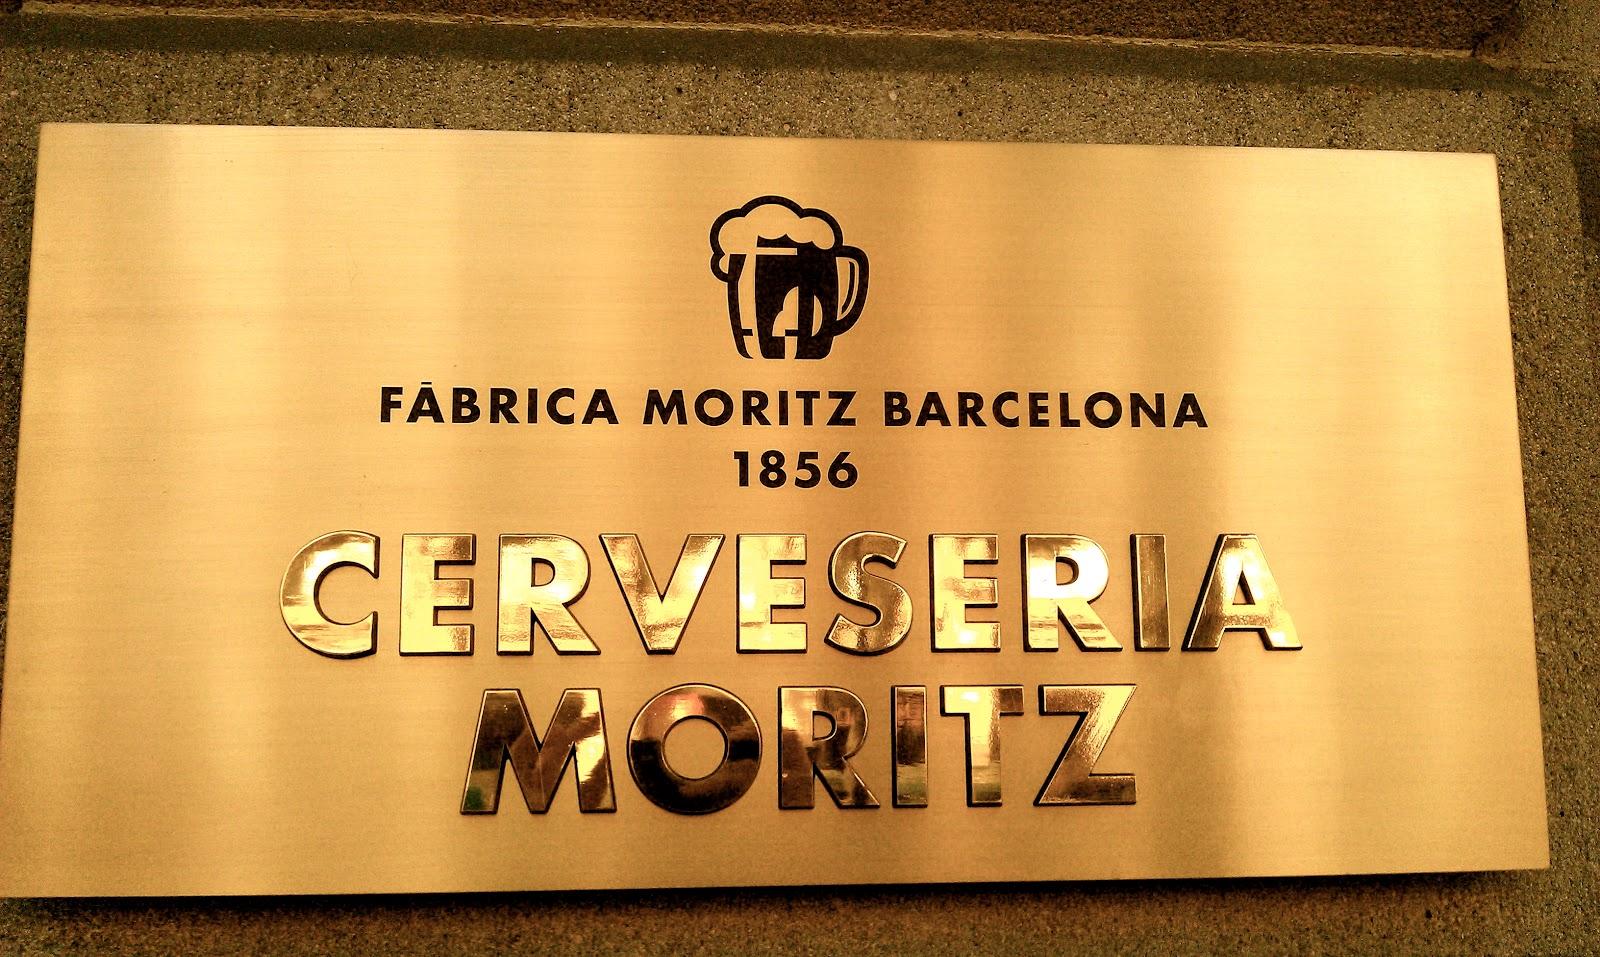 Lahoradelbagel f brica moritz los sue os cerveceros se pueden hacer realidad - Moritz ronda sant antoni ...